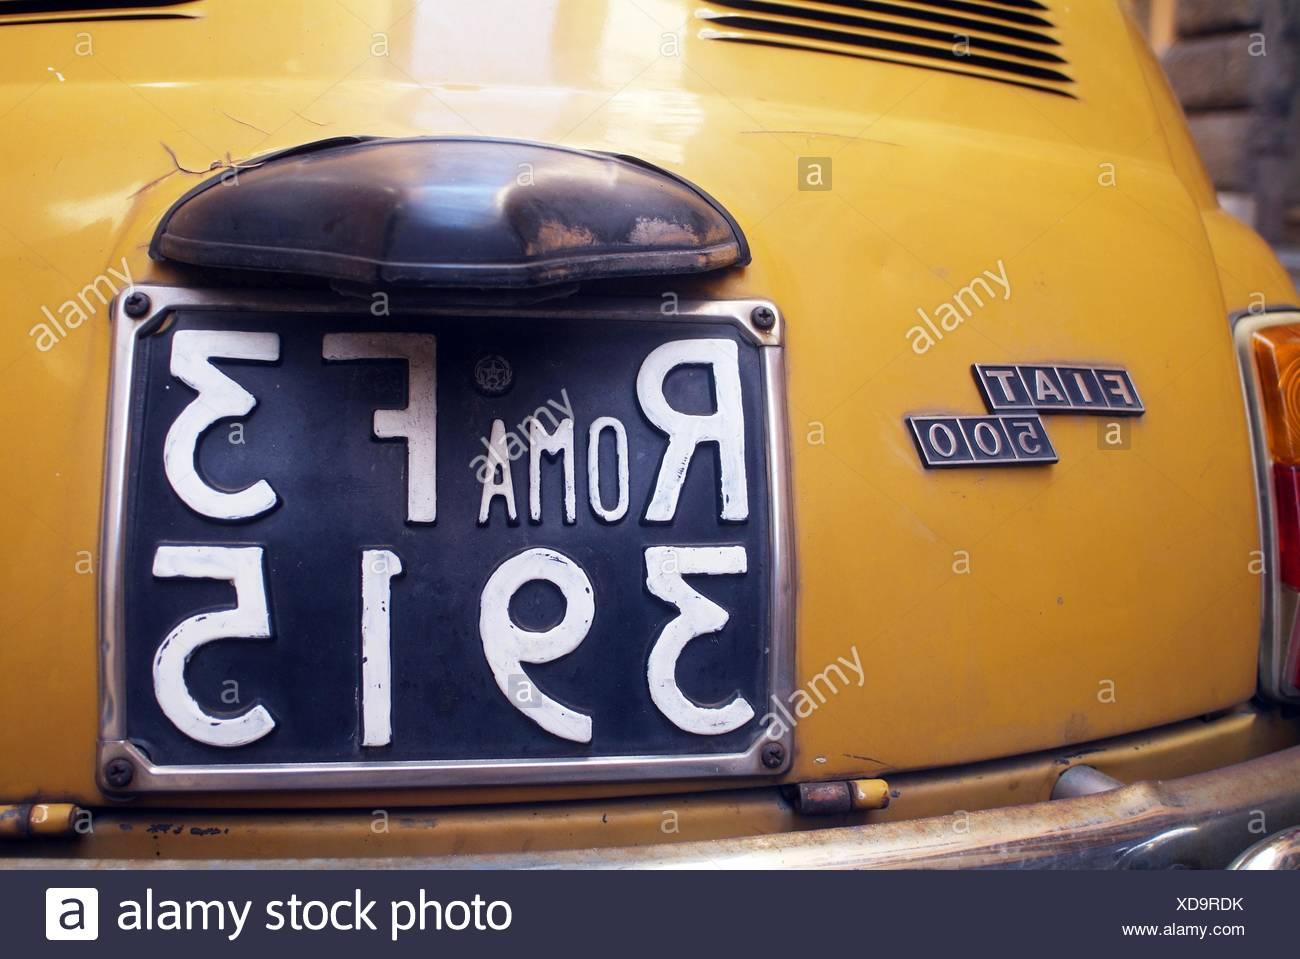 Registro de coches clásicos Foto de stock